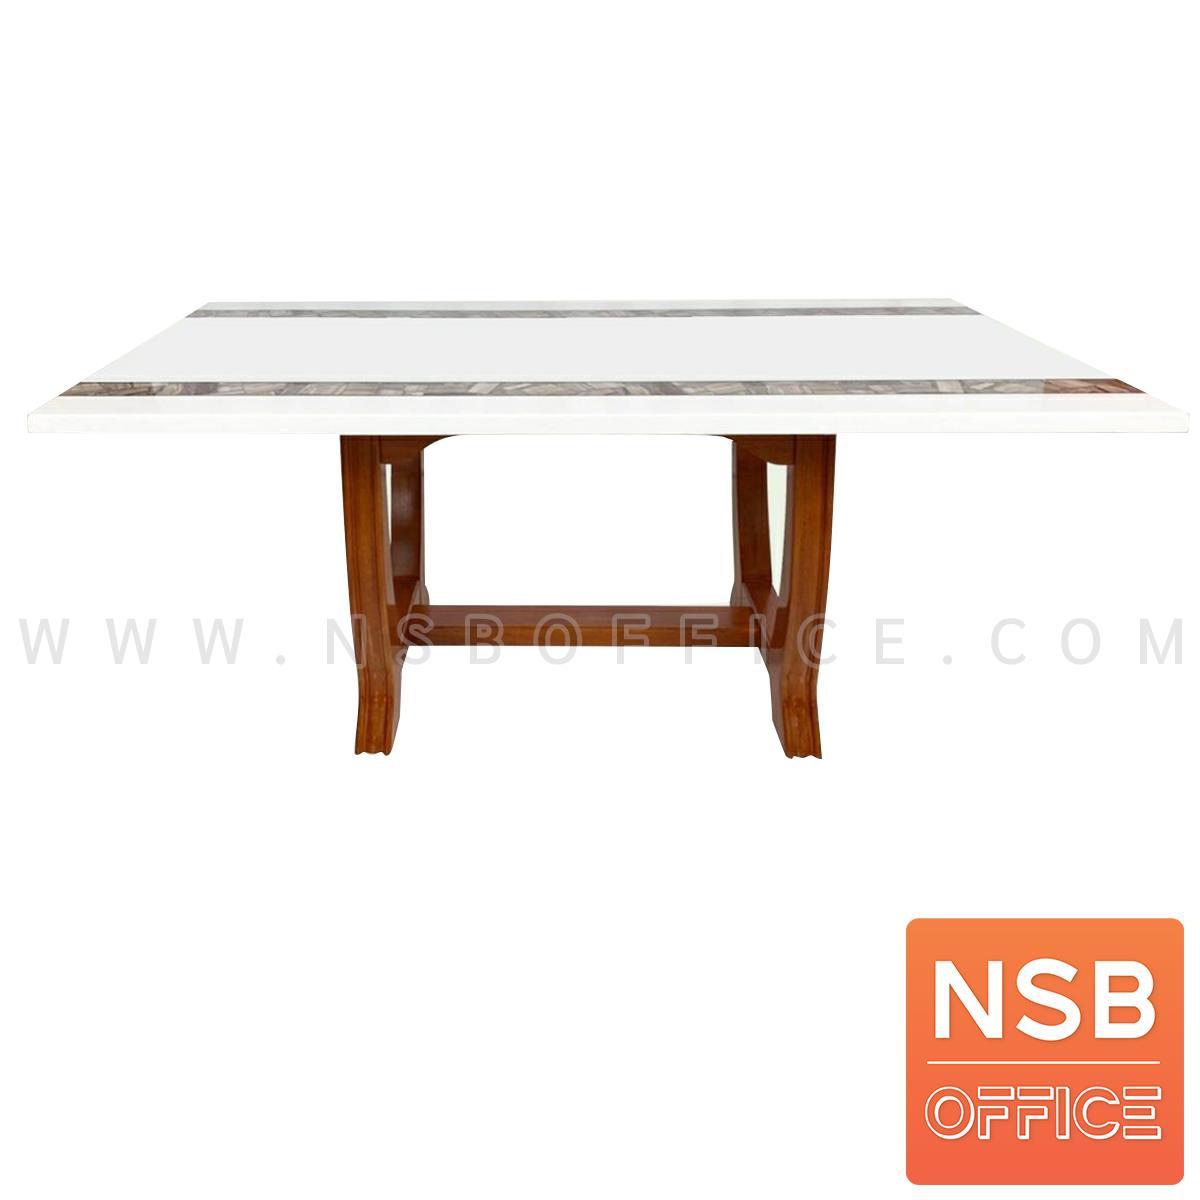 โต๊ะรับประทานอาหารหน้าหินอ่อน รุ่น Solace (ซอลลิซ) ขนาด 150W*90D cm.  ขาไม้